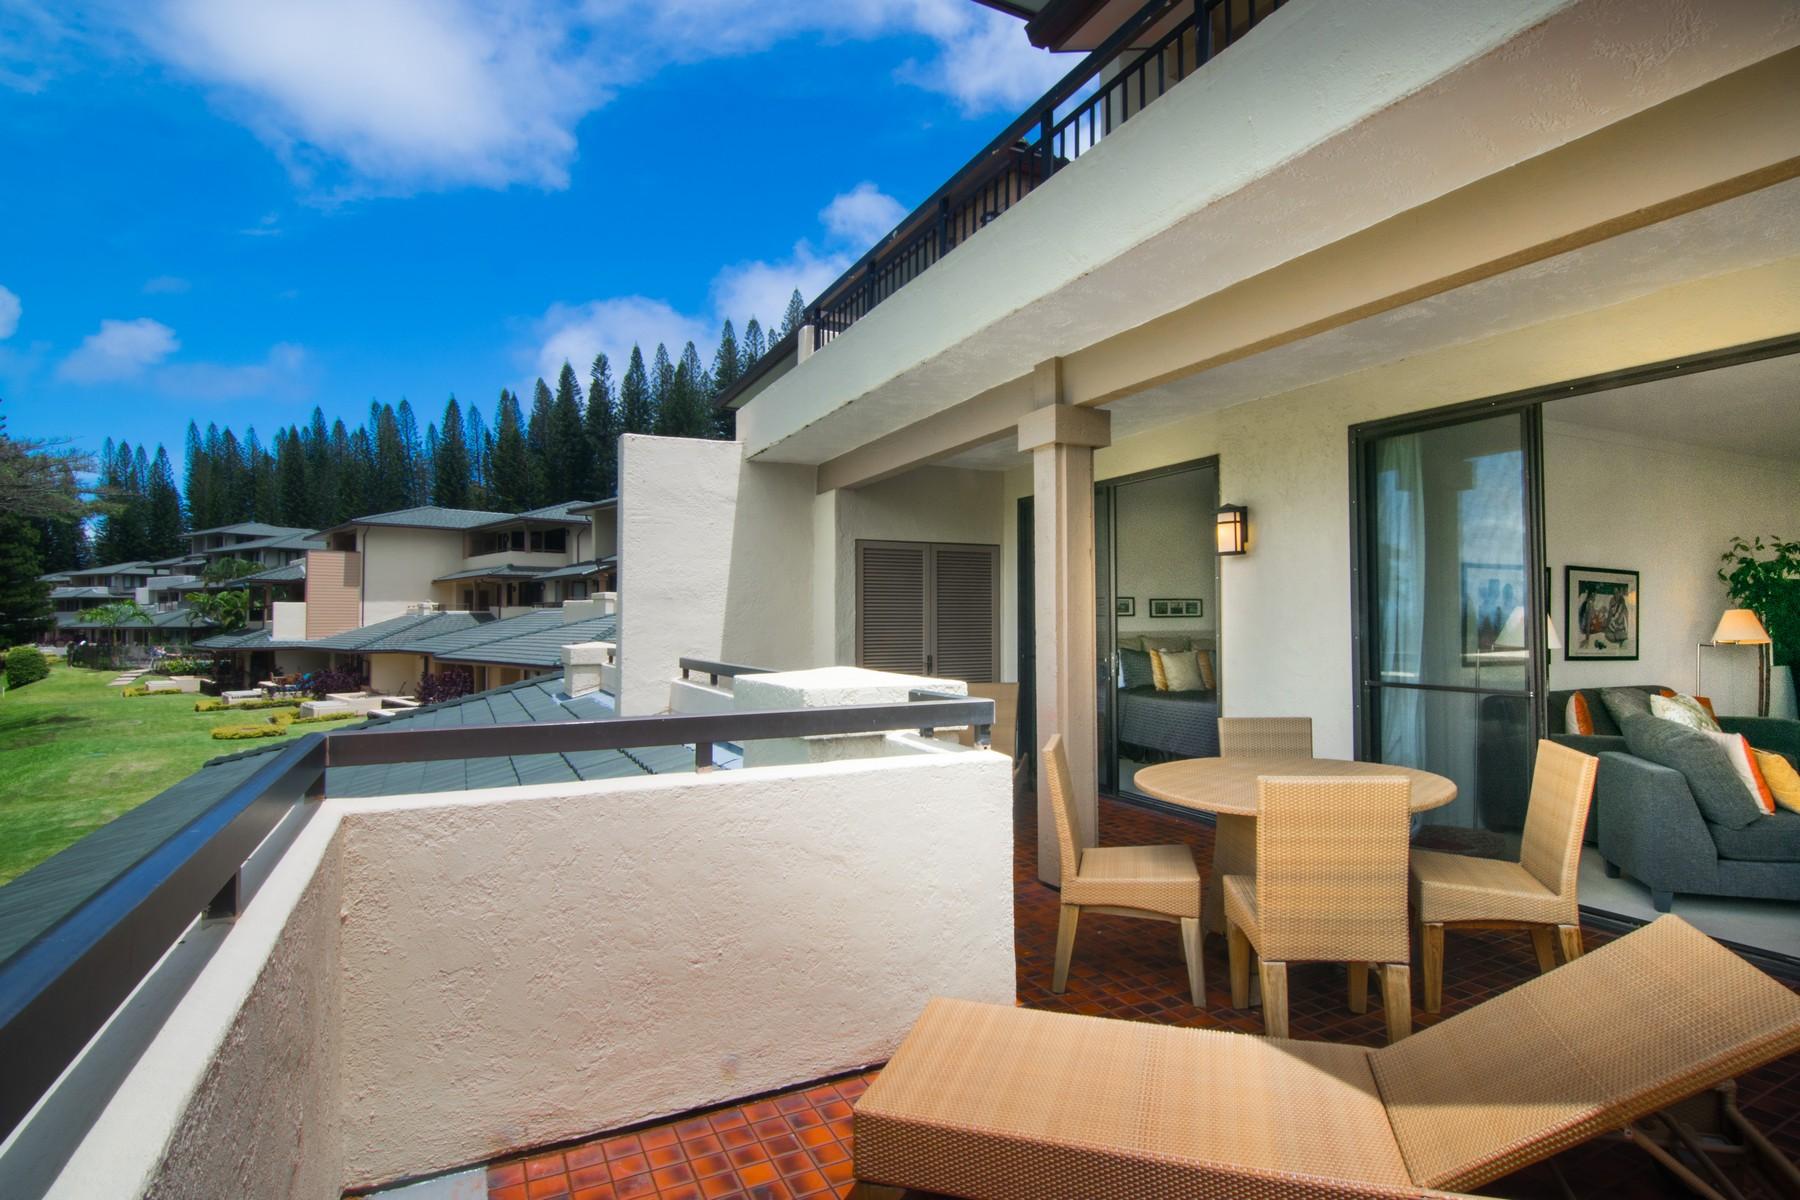 コンドミニアム のために 売買 アット European Inspired One Bedroom Fairway View Golf Villa 500 Kapalua Drive, Kapalua Golf Villas 15T5, 6 Kapalua, ハワイ, 96761 アメリカ合衆国